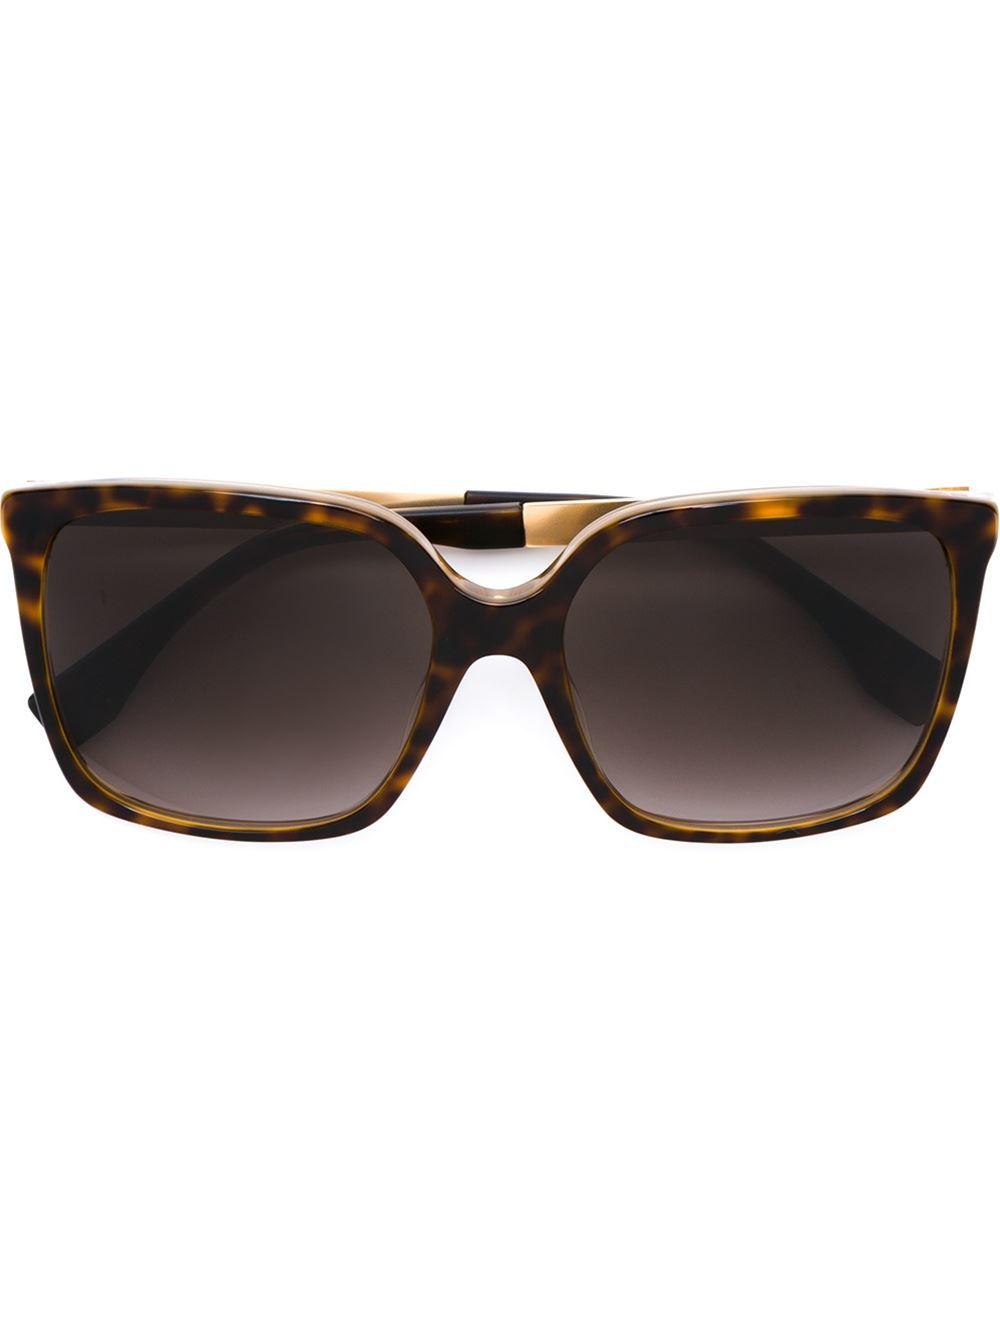 e57476f10fe07 Fendi Square Frame Sunglasses in Brown